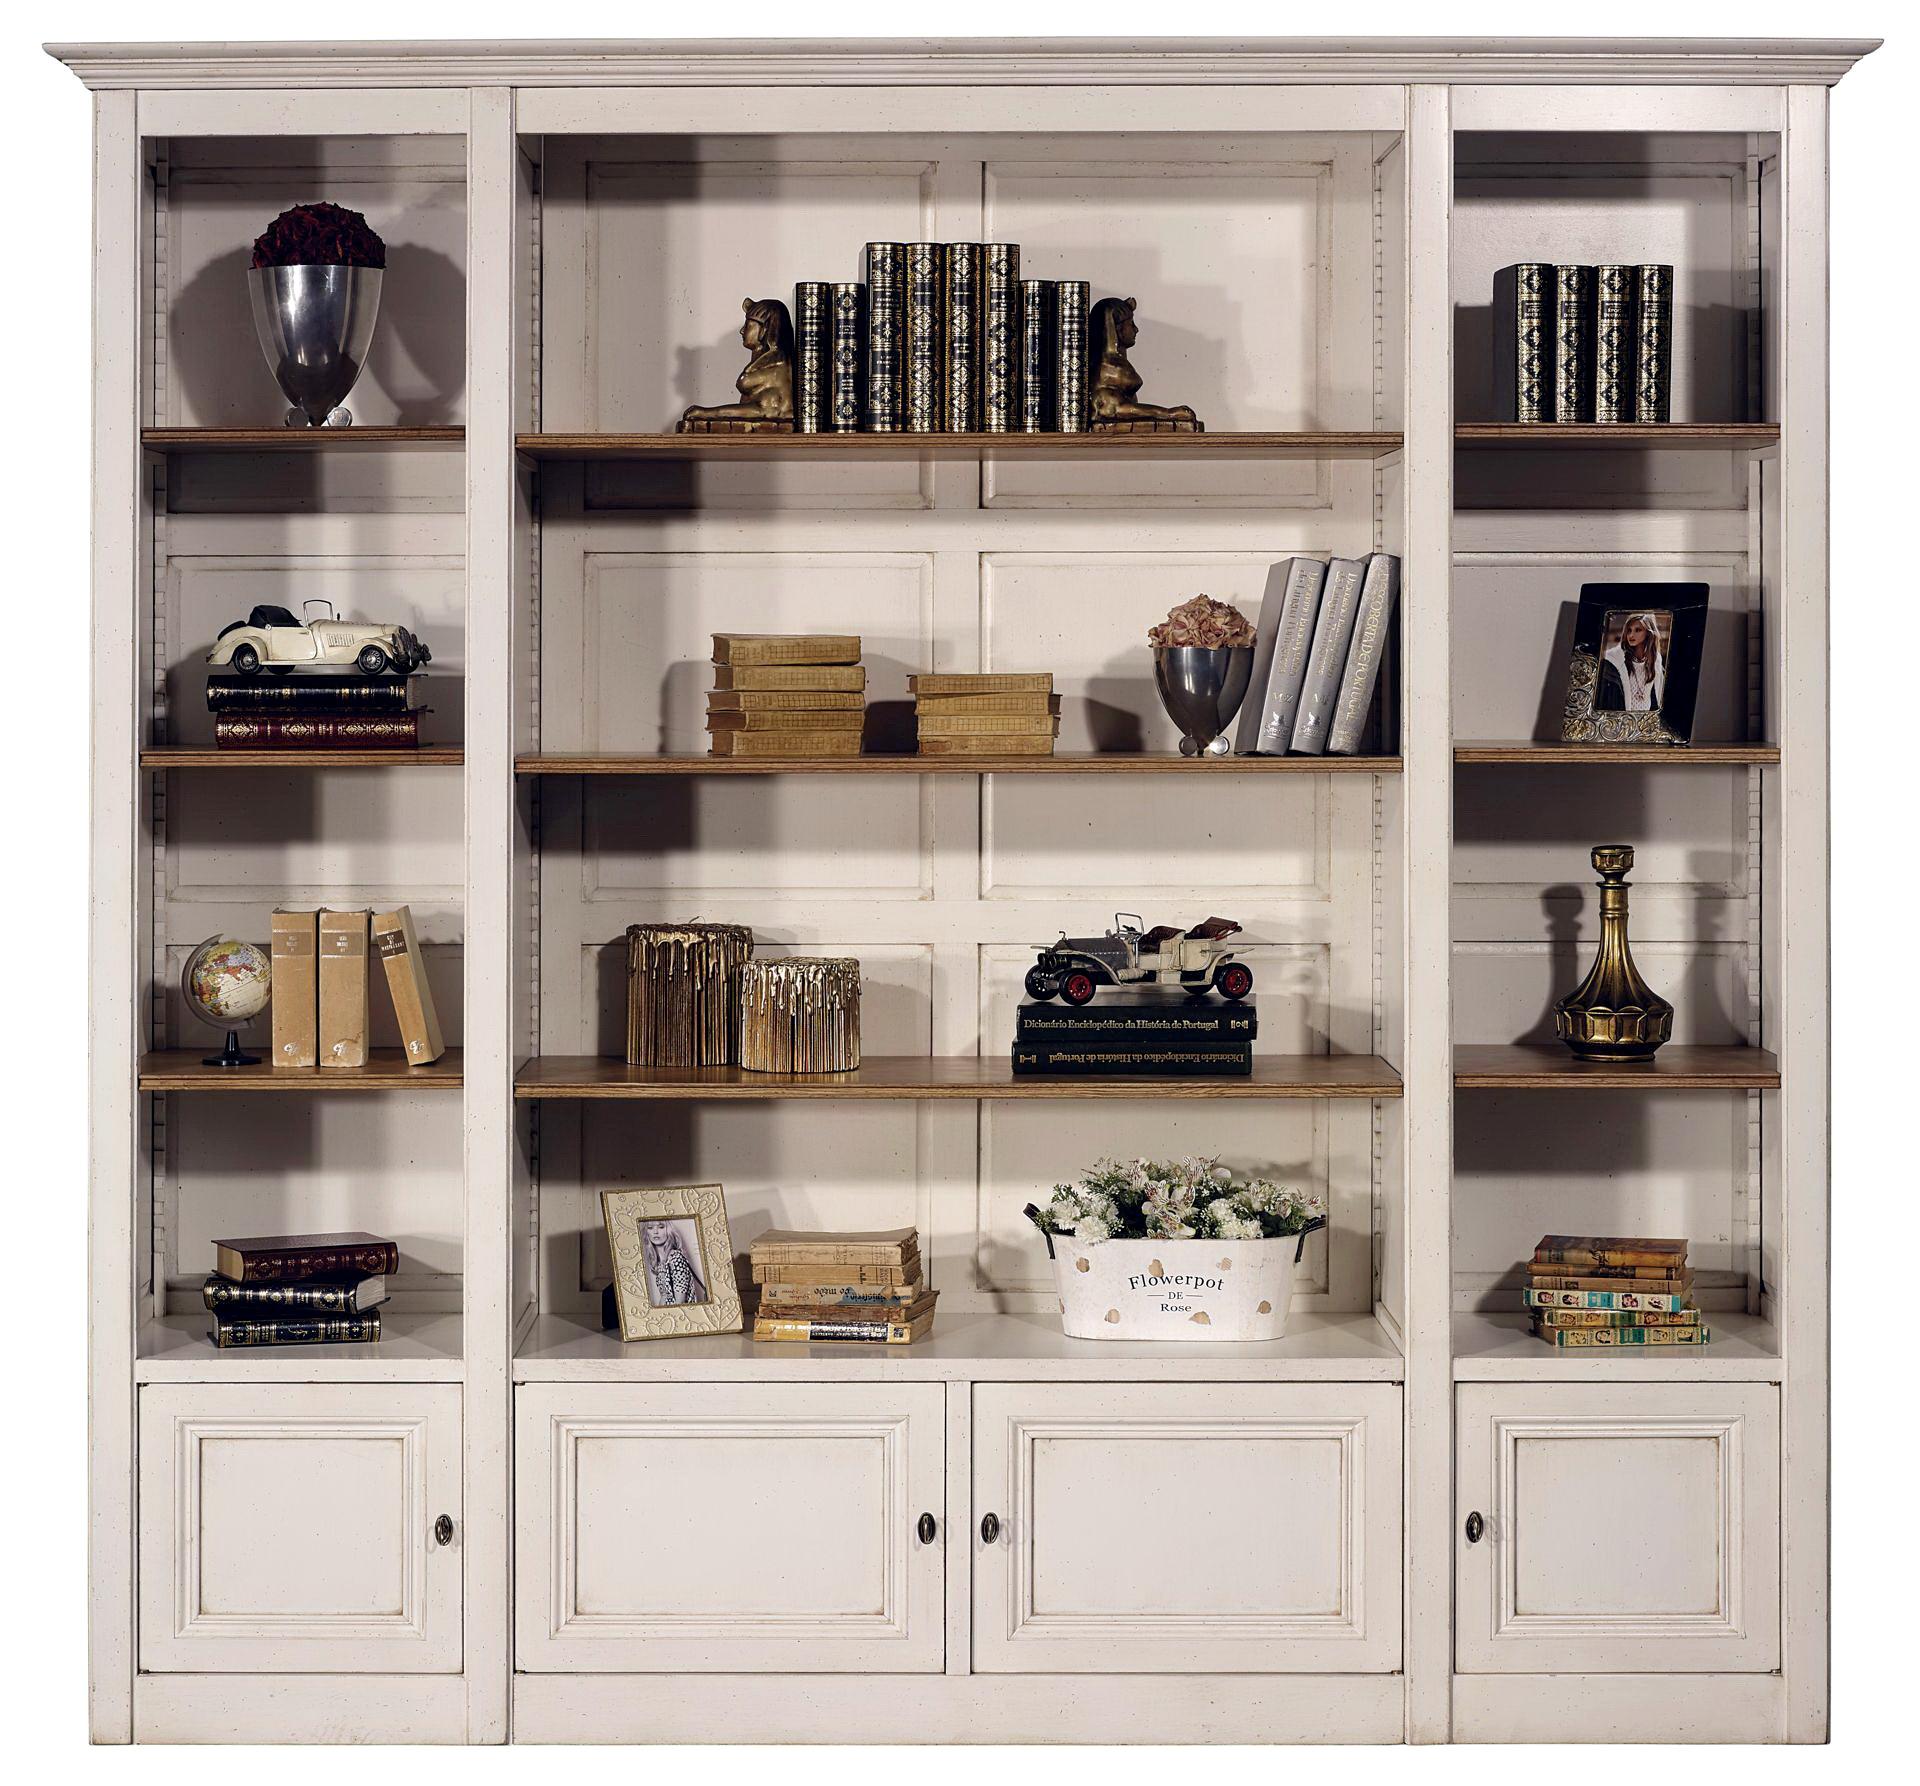 muebles libreros obtenga ideas dise o de muebles para su